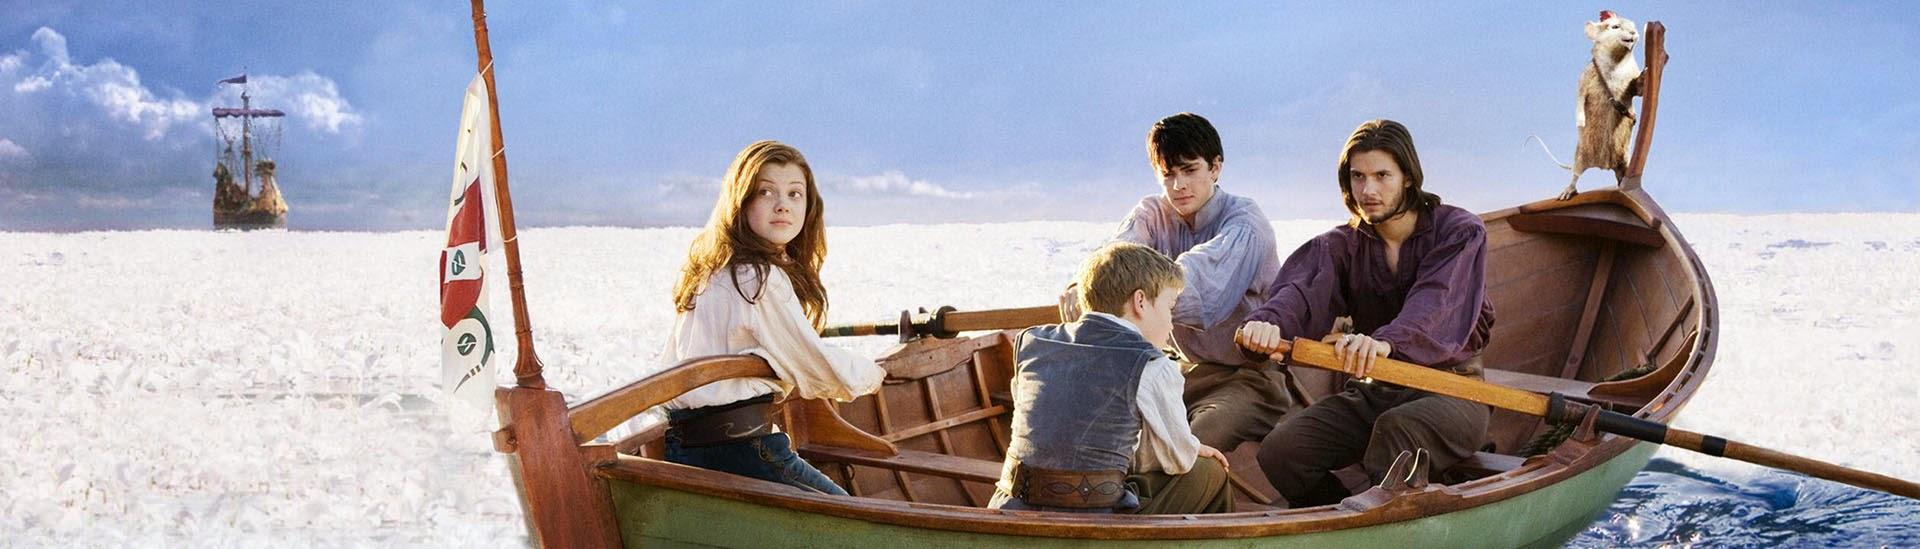 Baner filmu 'Opowieści Z Narnii: Podróż Wędrowca Do Świtu'